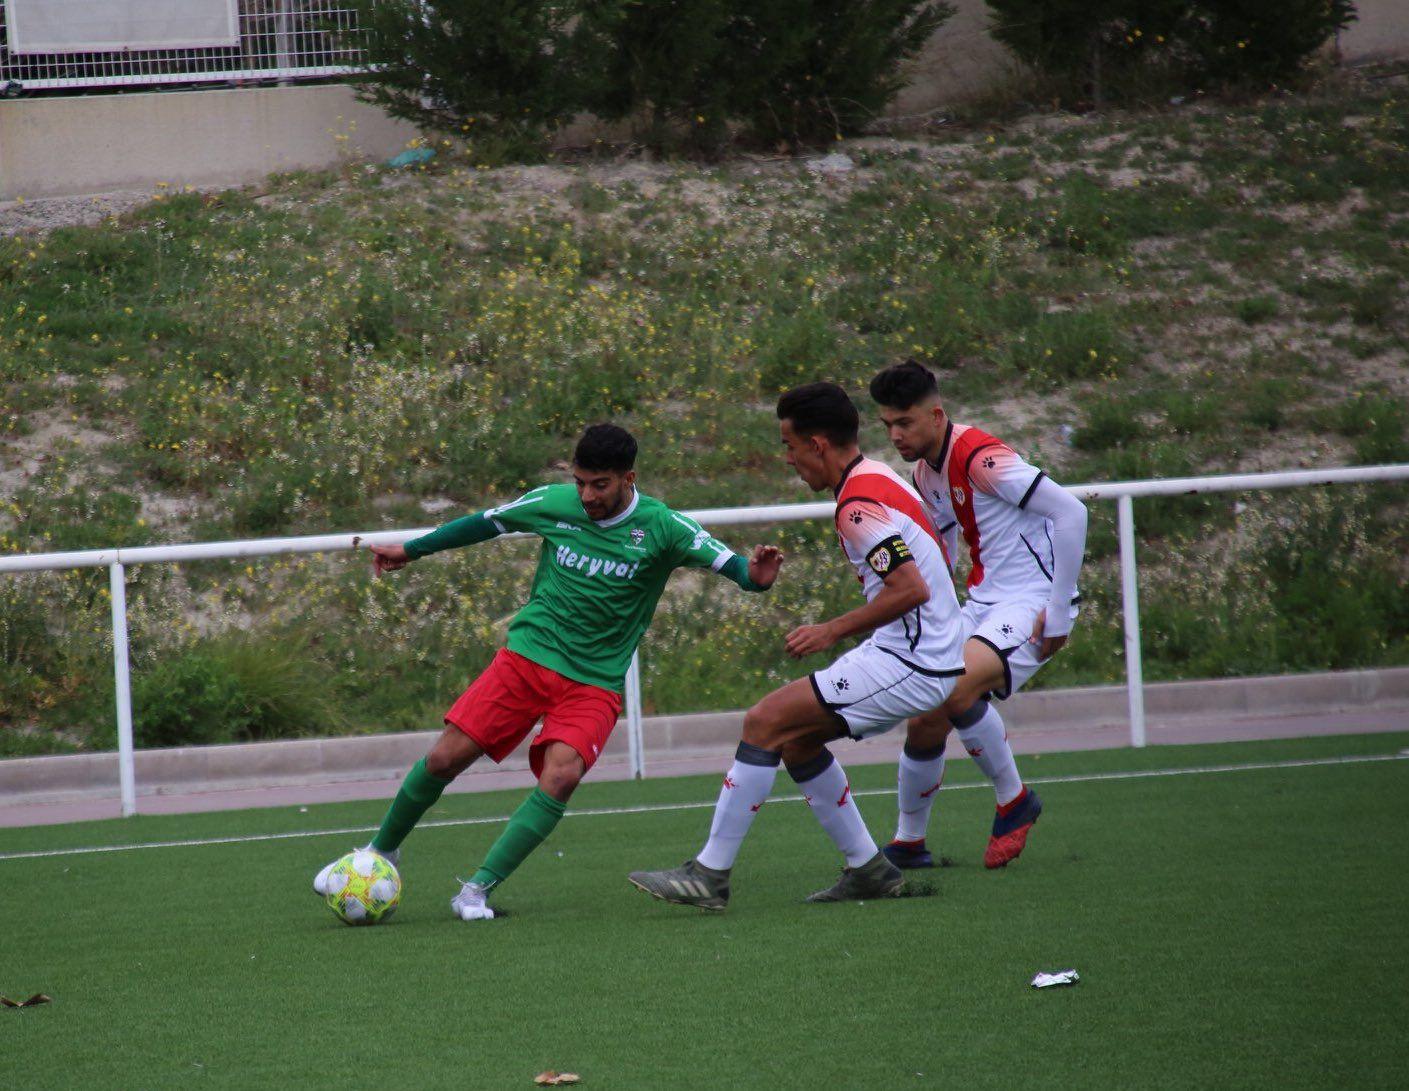 Arribas y el Rugby deslumbran en el fin de semana deportivo de Alcorcón